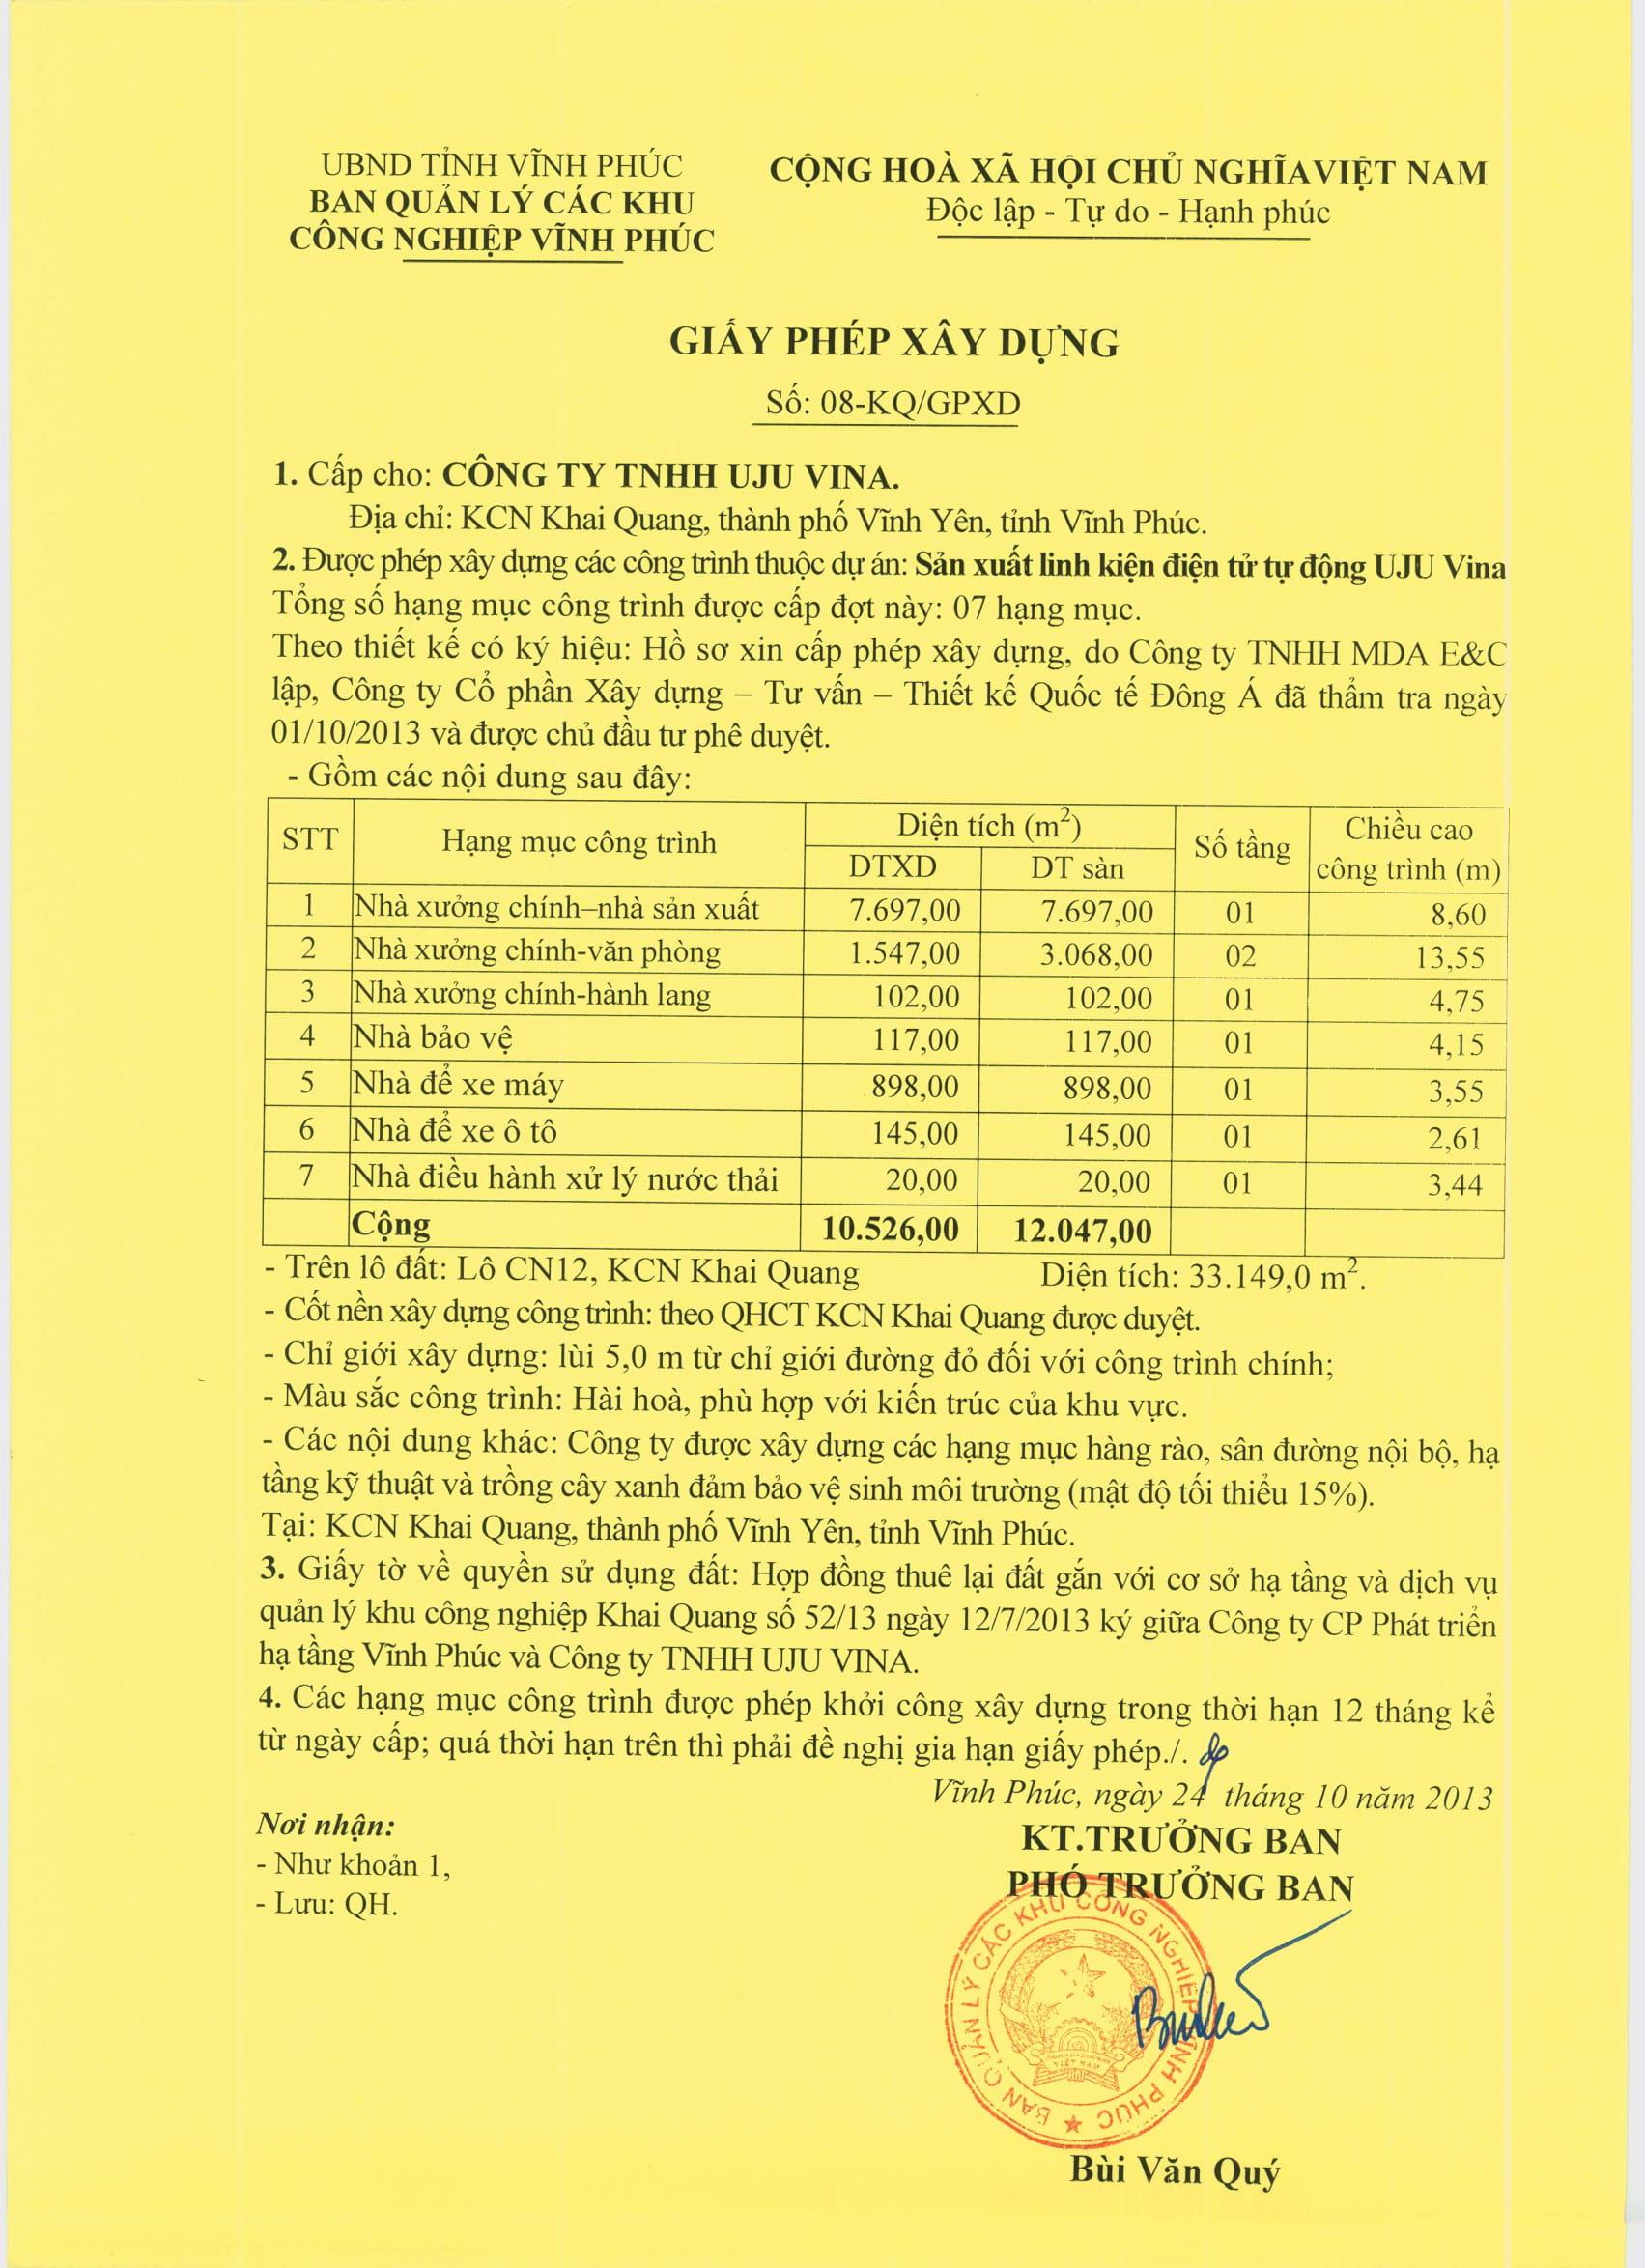 Xin giấy phép xây dựng hàng rào %C4%90%C6%A1n-xin-gi%E1%BA%A5y-ph%C3%A9p-x%C3%A2y-d%E1%BB%B1ng-1%20(1)